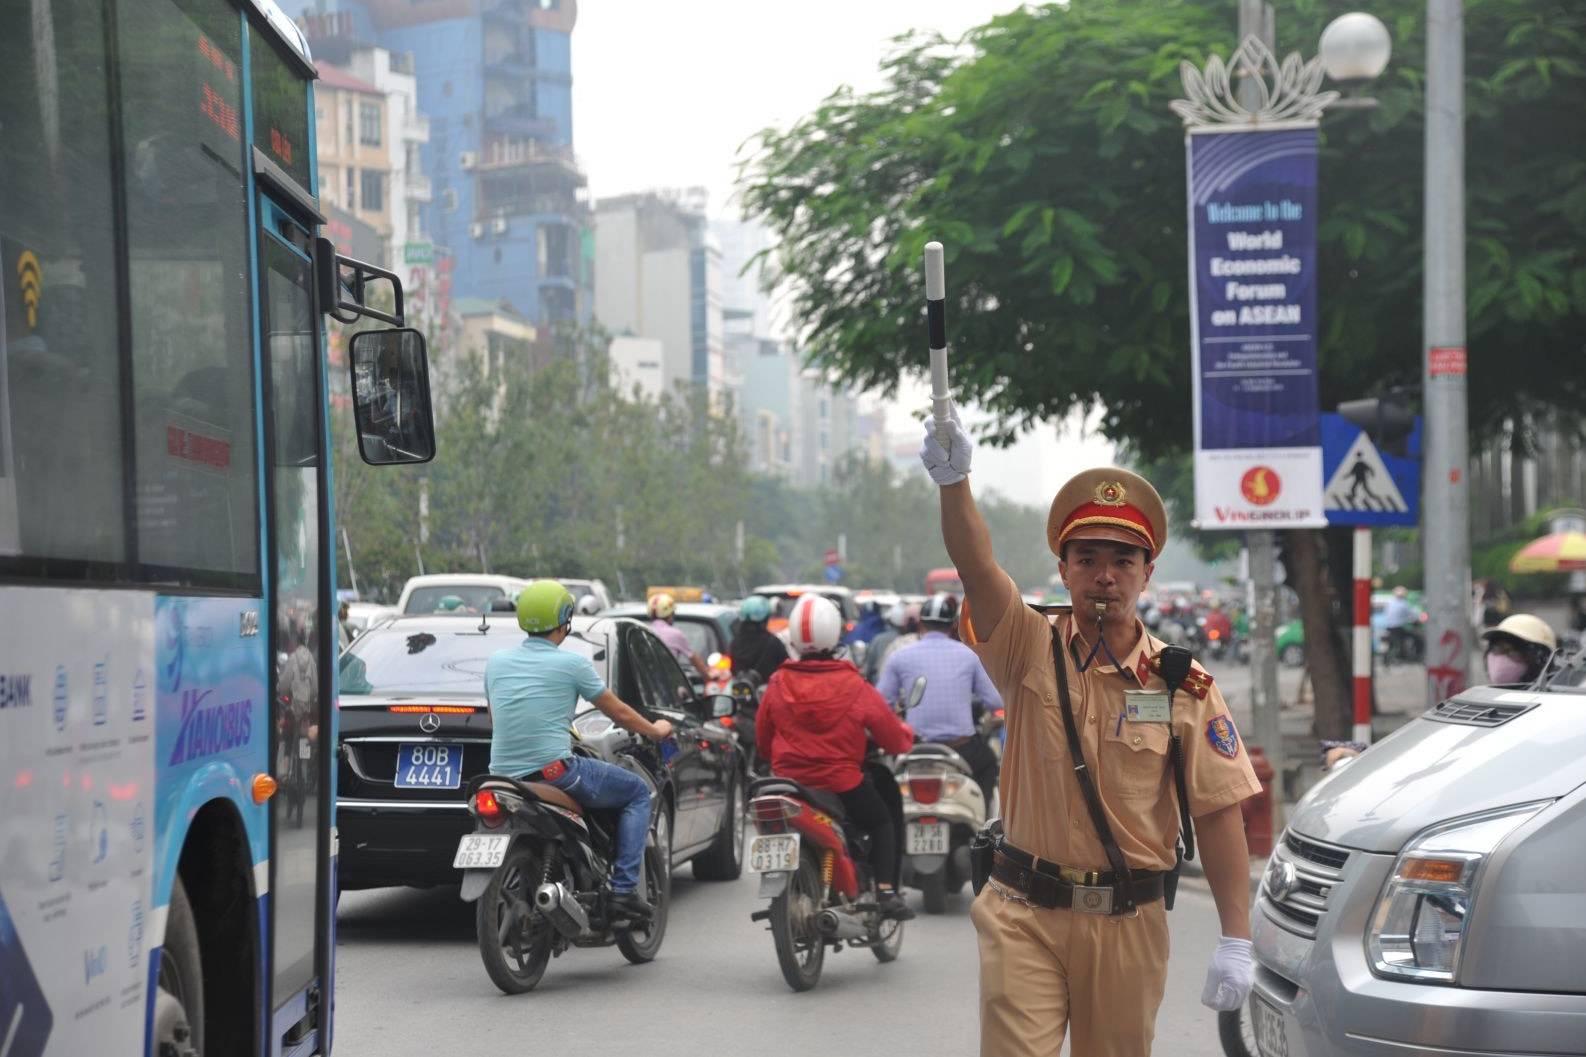 Lịch cấm đường phục vụ Đại hội Đảng lần thứ XIII tại Hà Nội